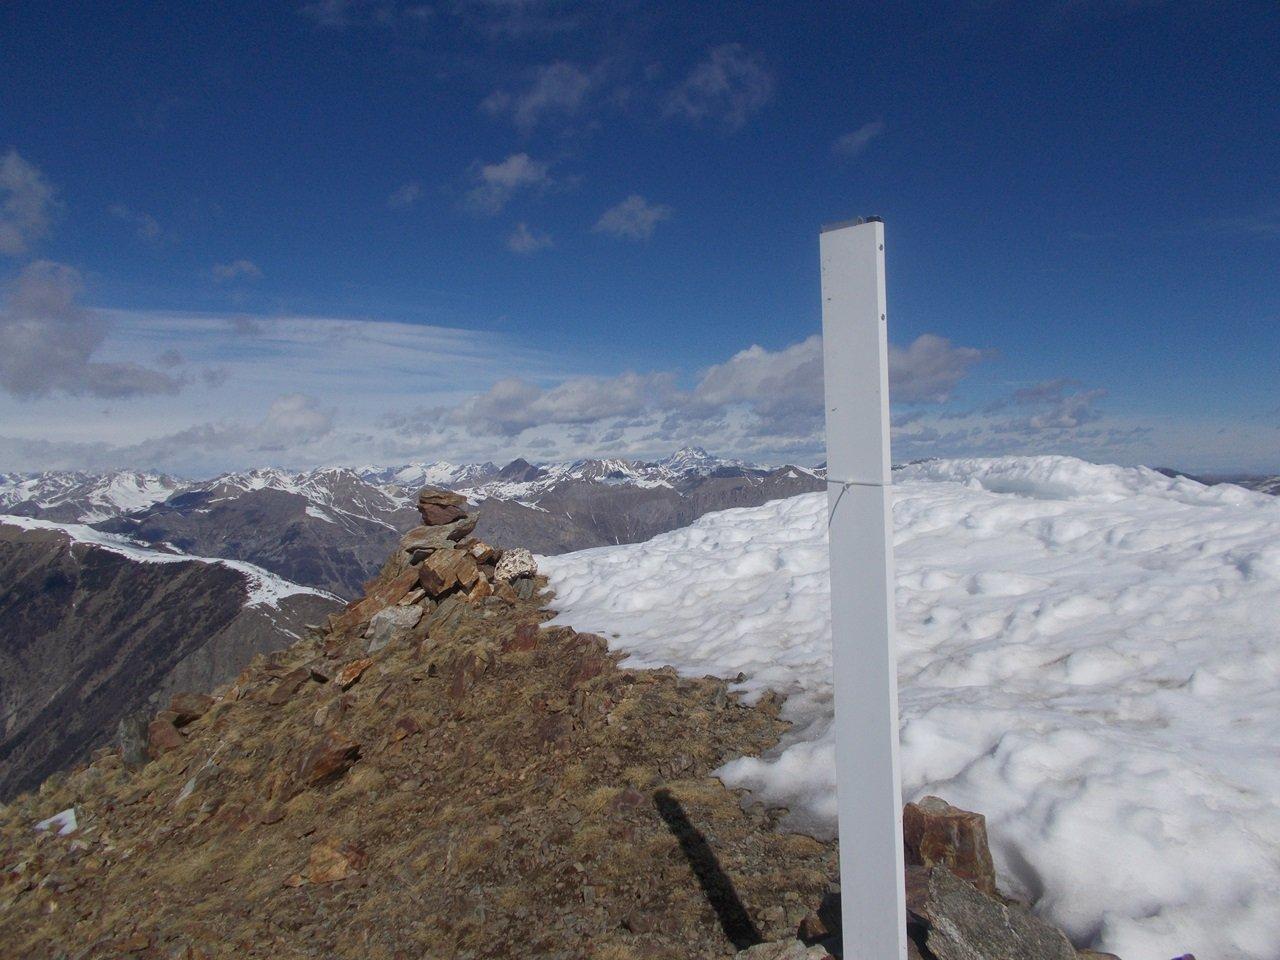 la cima del Monte Le Steliere  con ciò che resta della croce